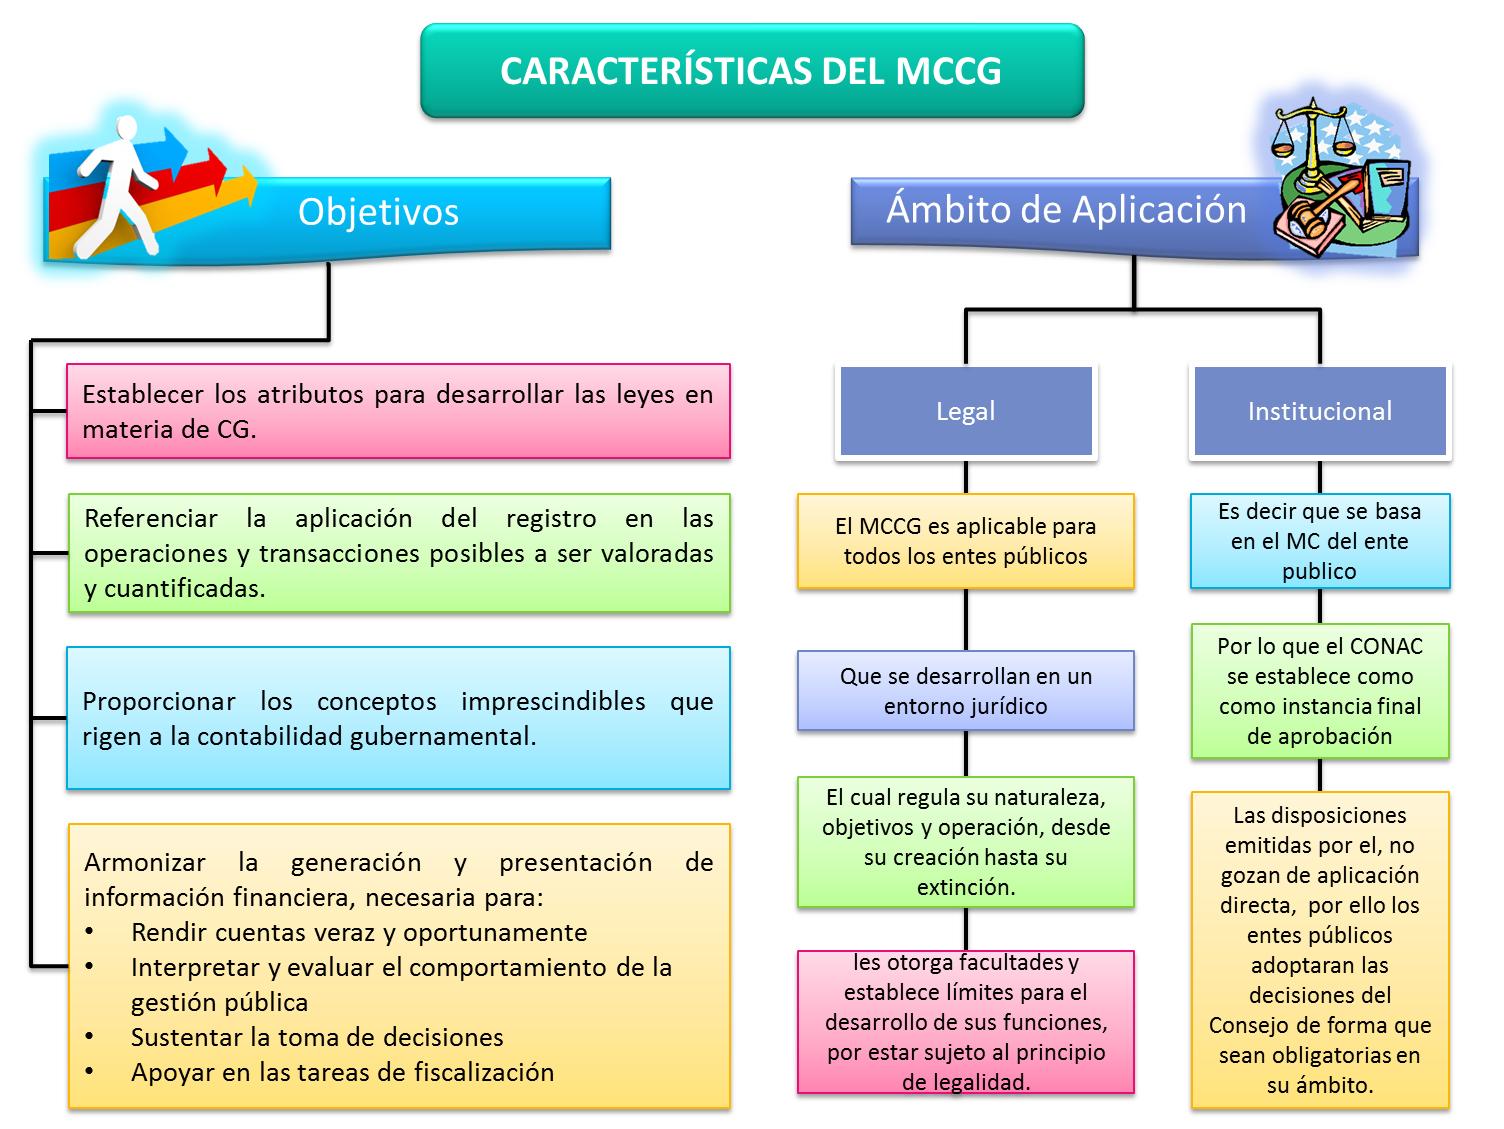 Facilitando la contabilidad gubernamental en m xico for Cuales son las caracteristicas de un mural